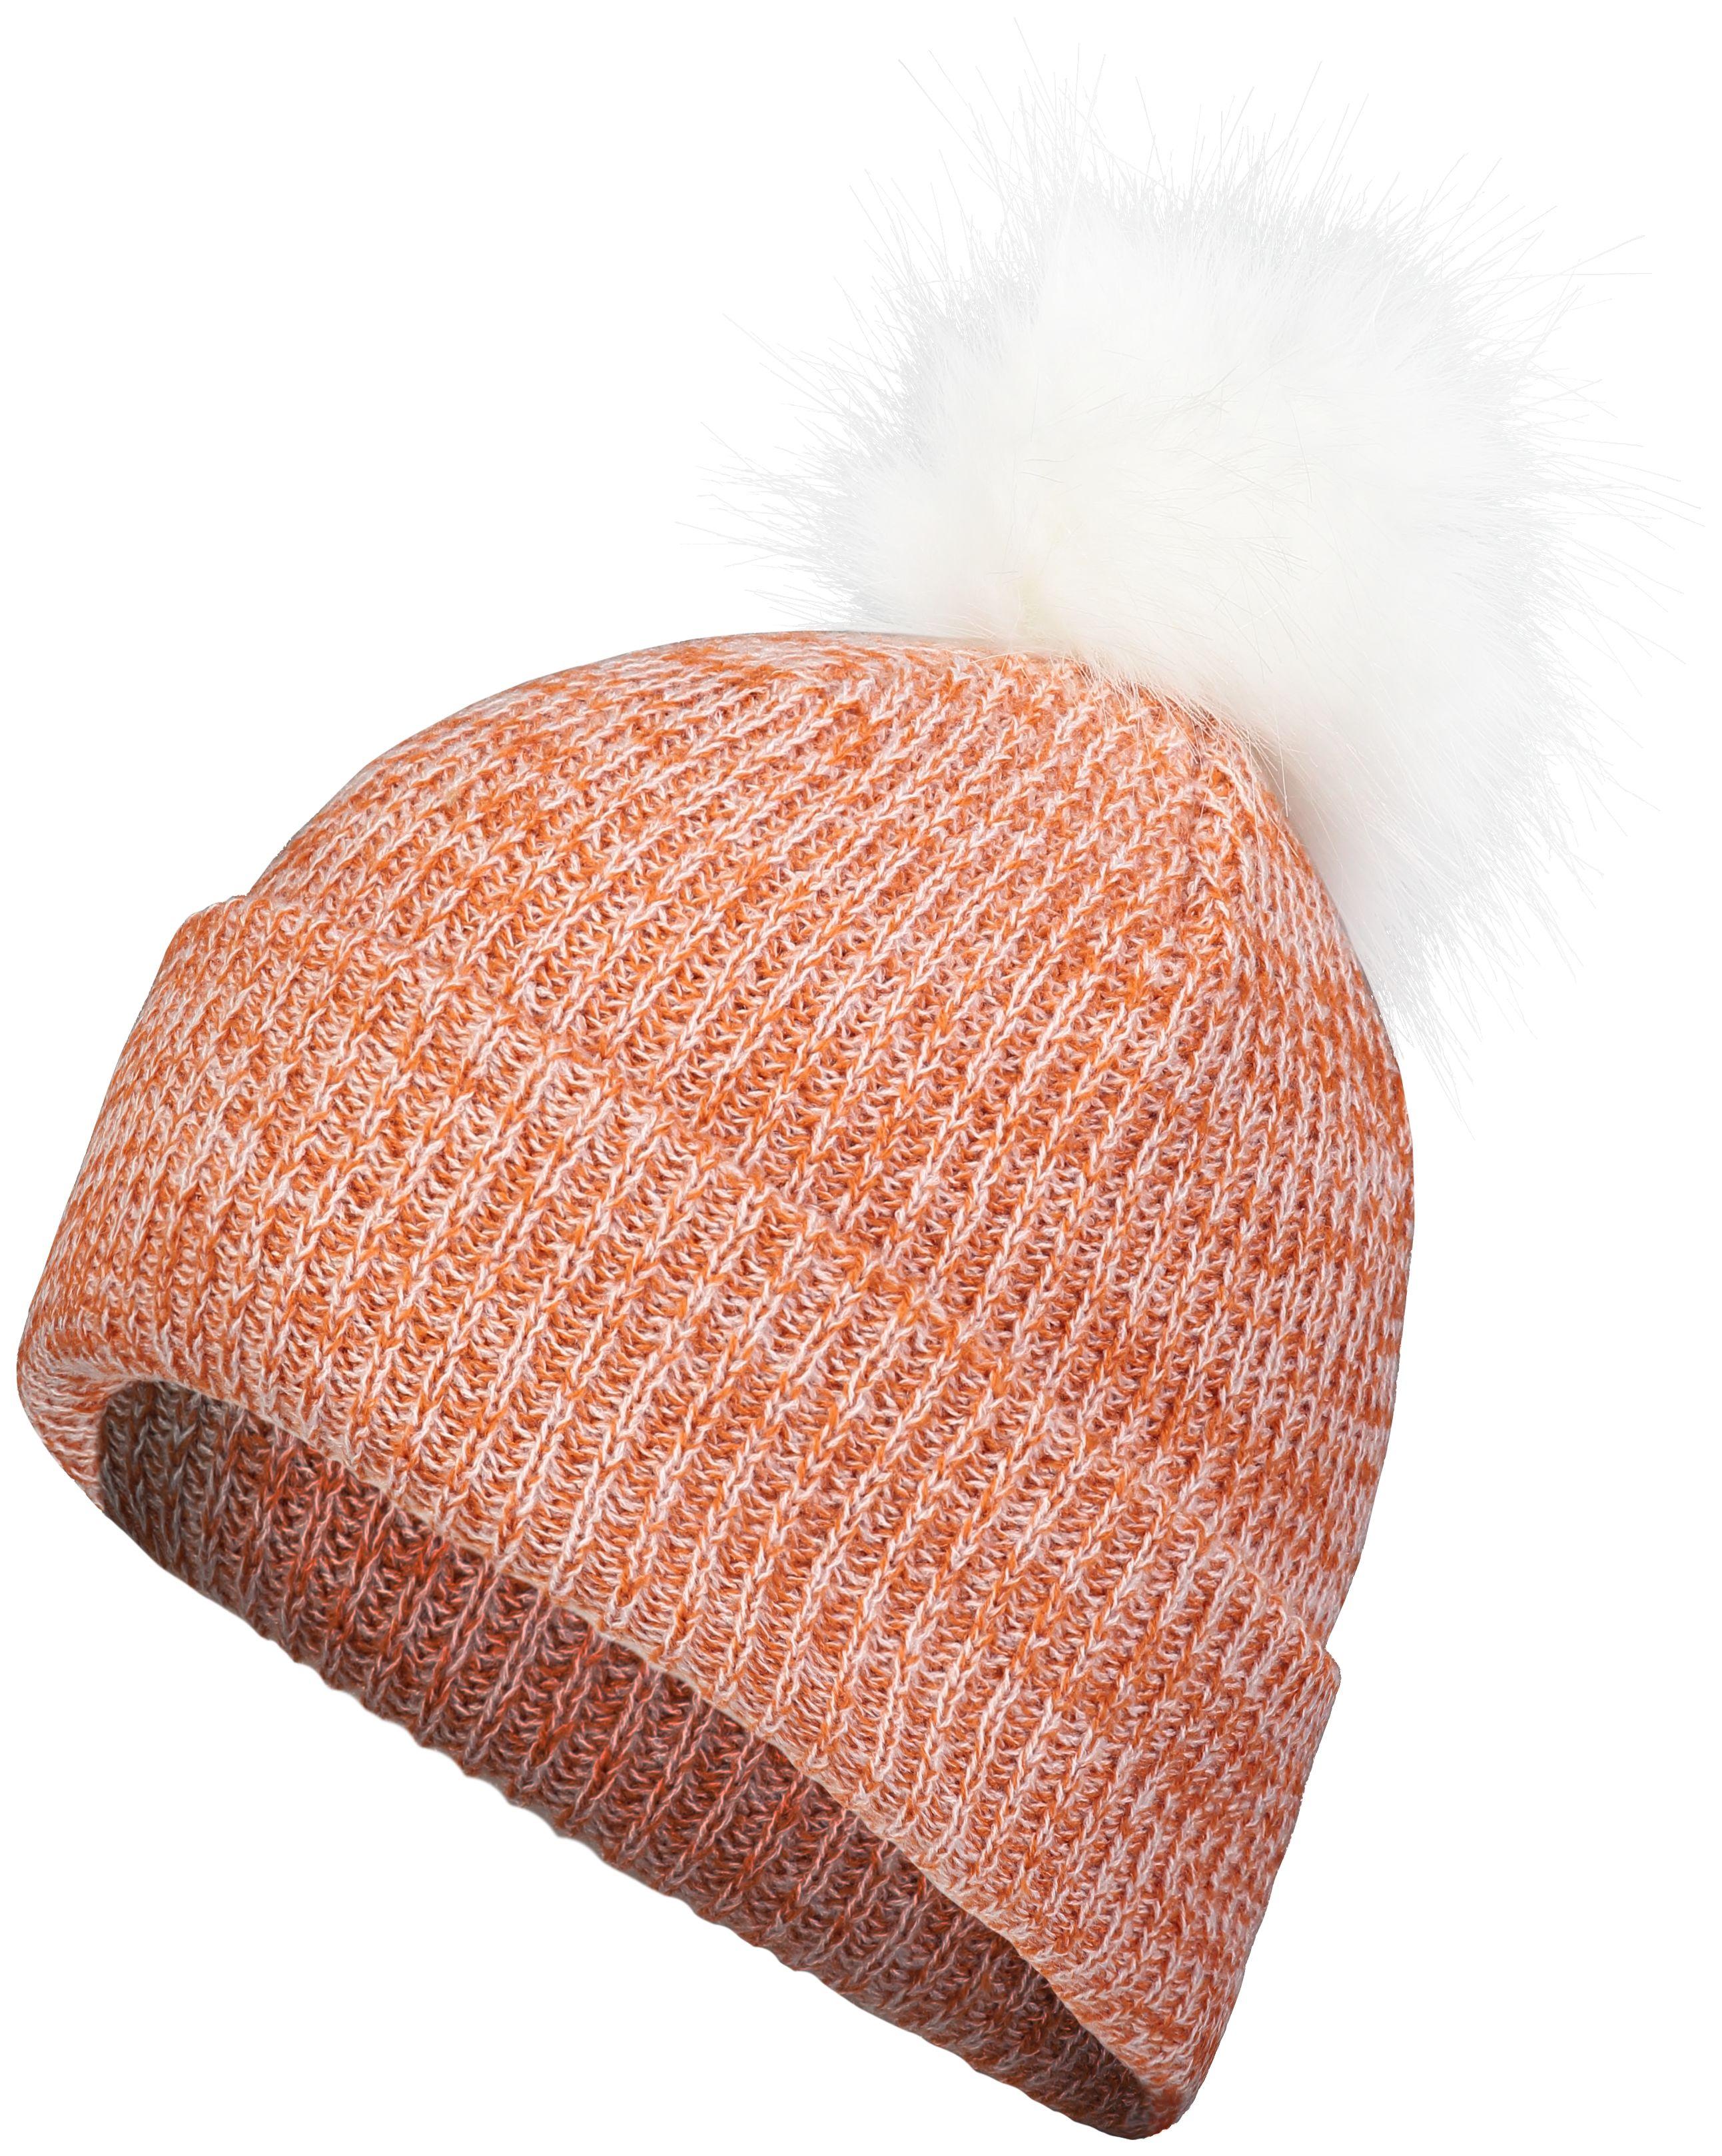 Faux Fur Pom Beanie - TEXAS ORANGE/WHITE